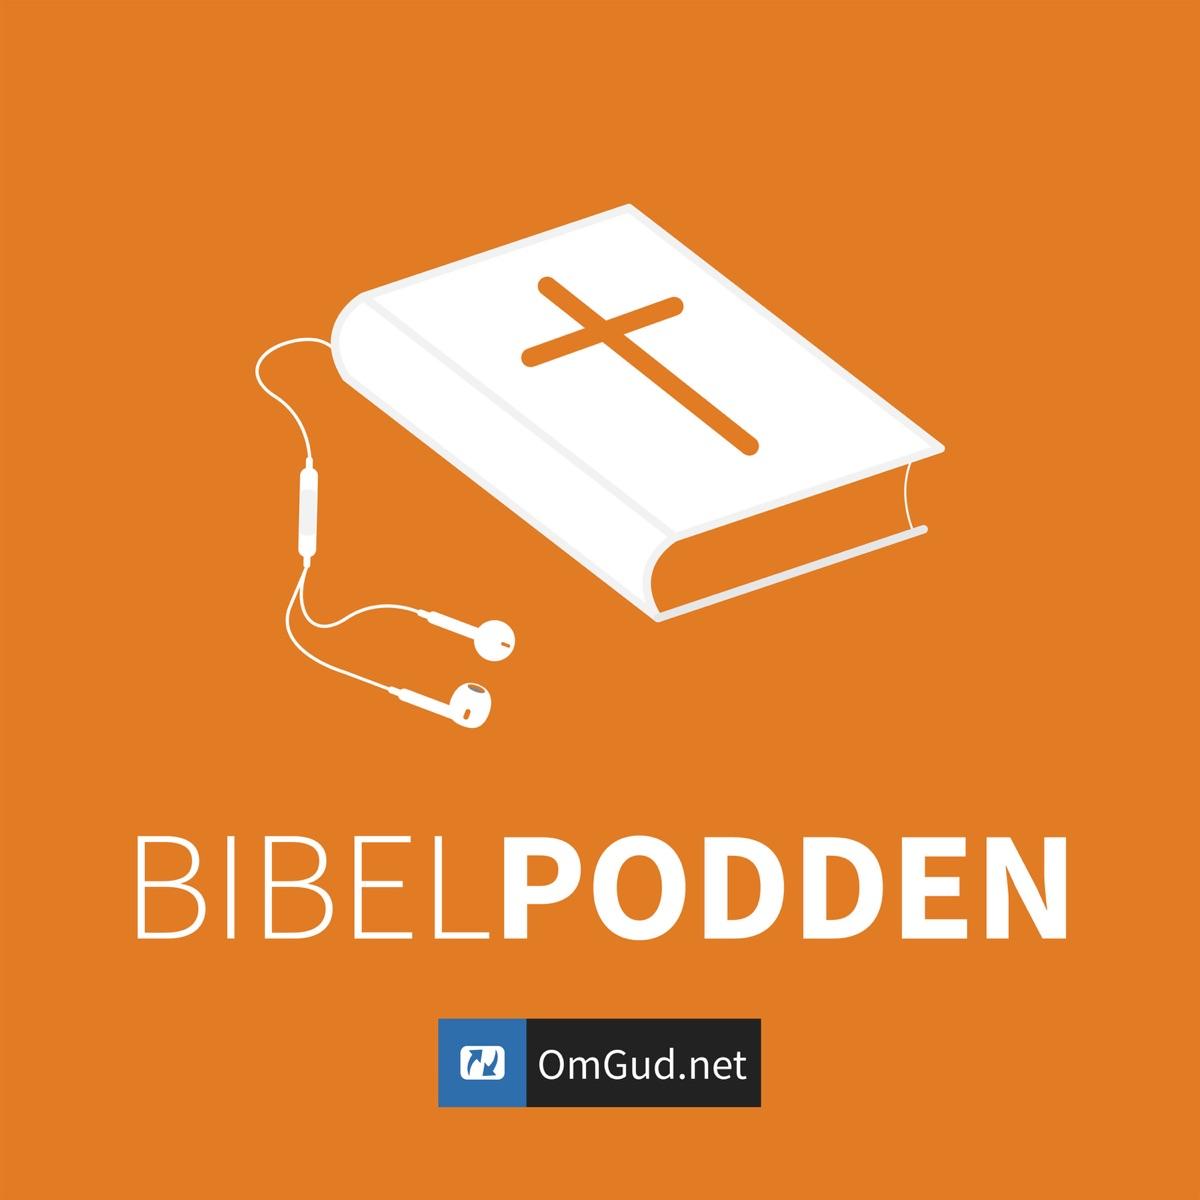 BibelPodden fra omGud.net